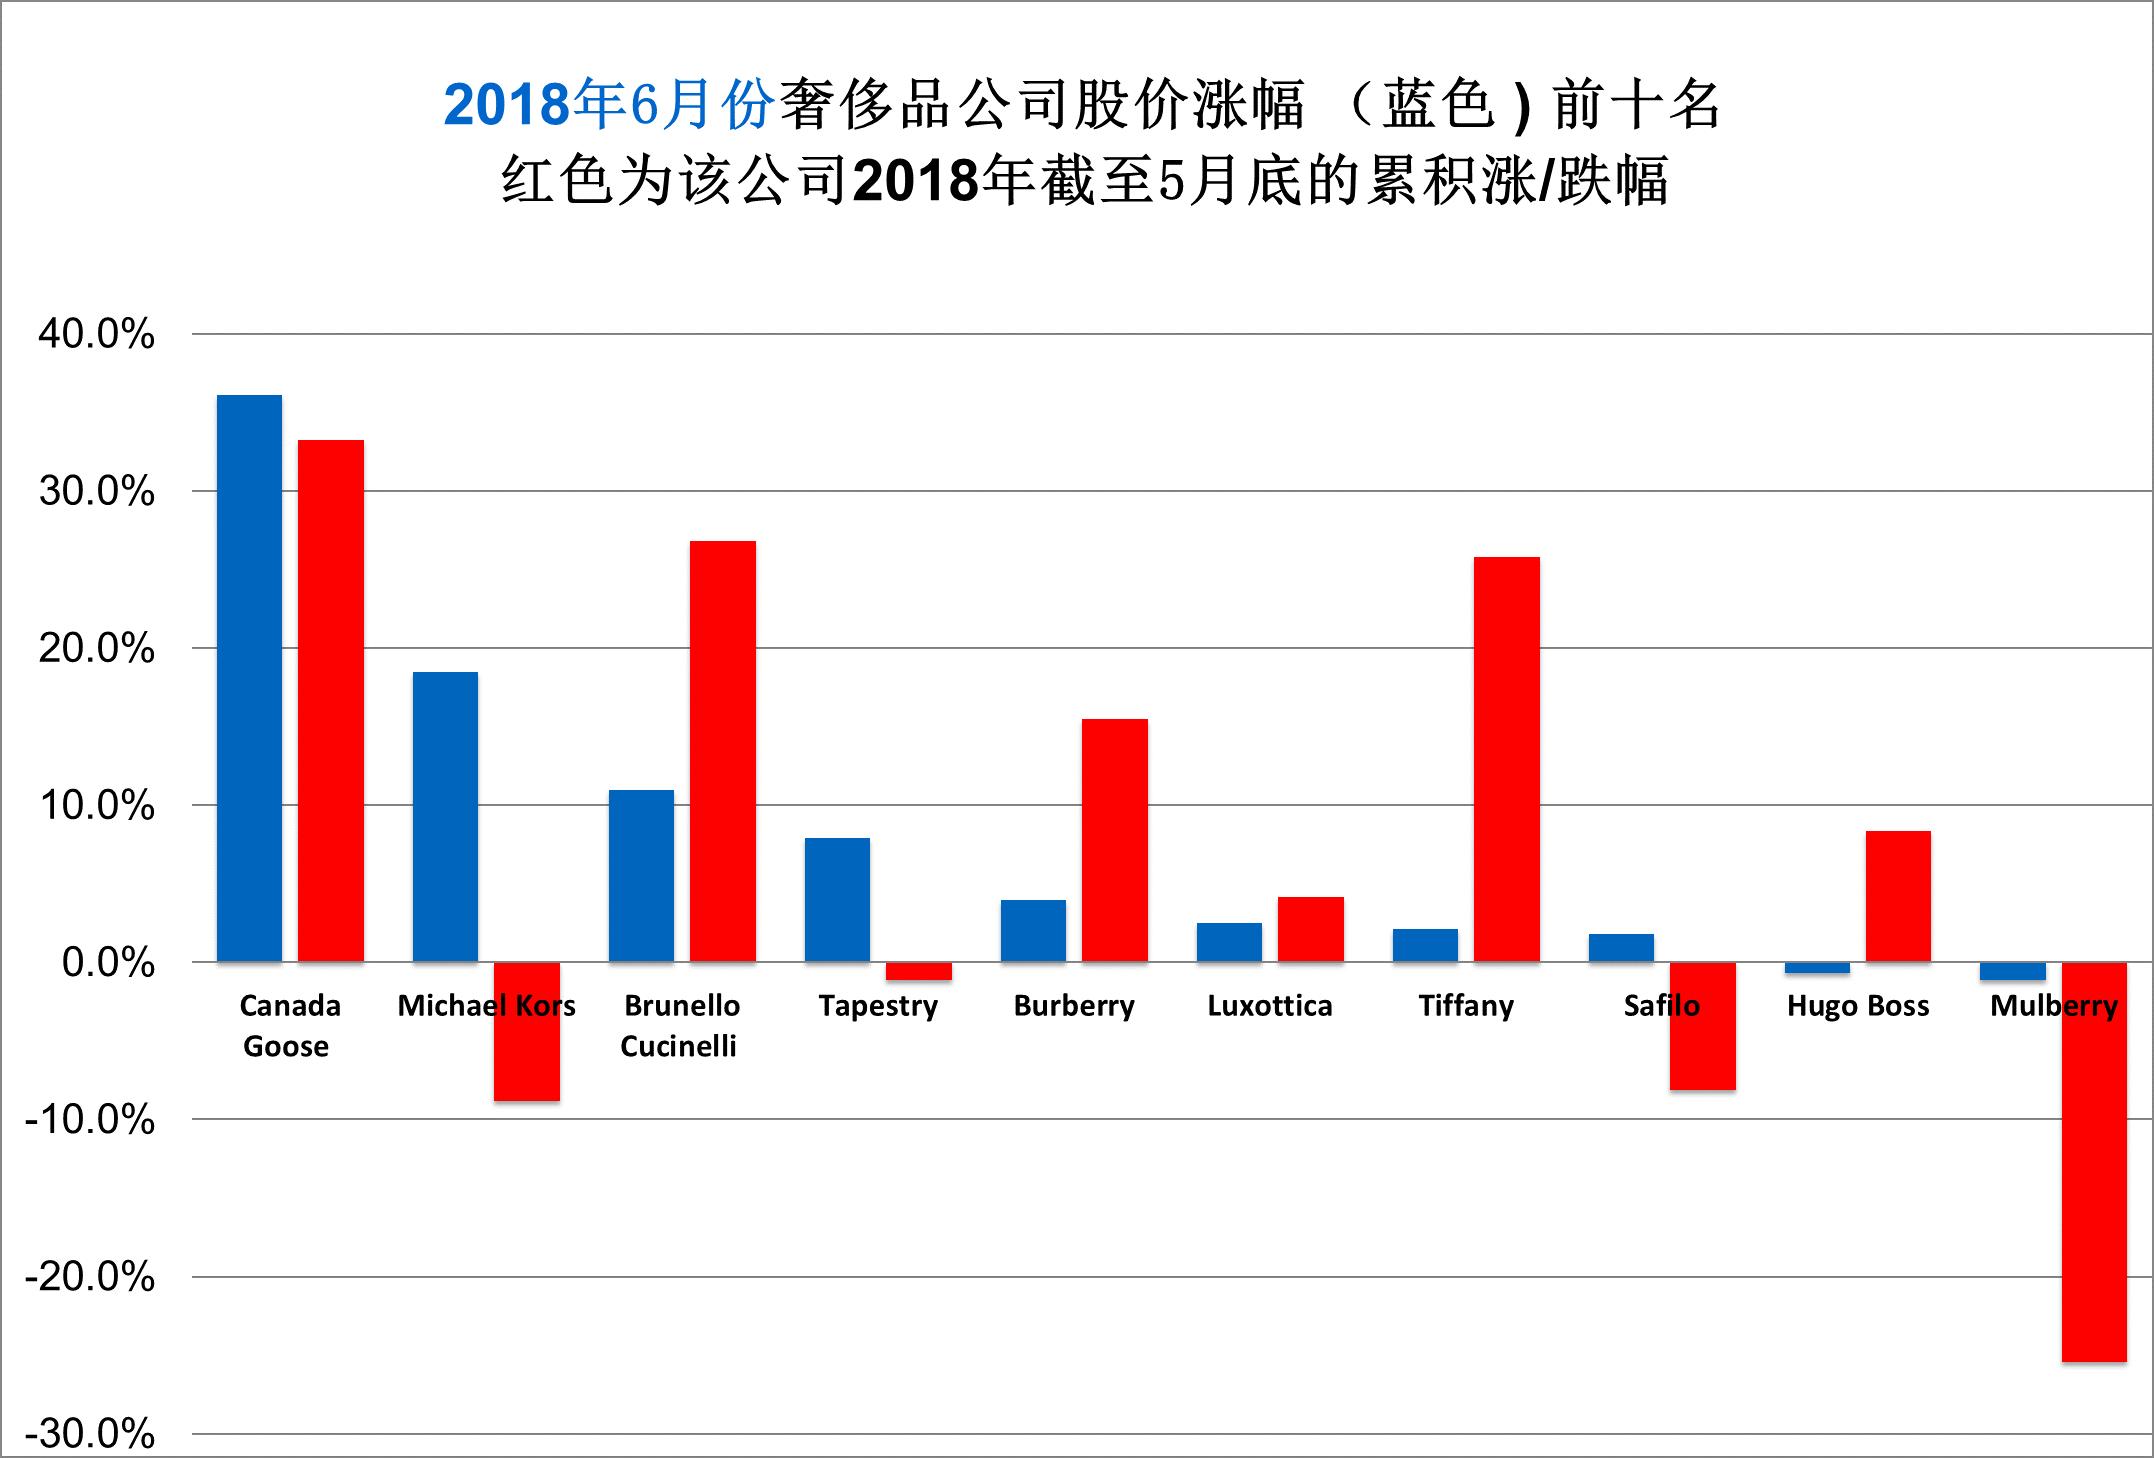 华丽志奢侈品股票月度排行榜(2018年6月)